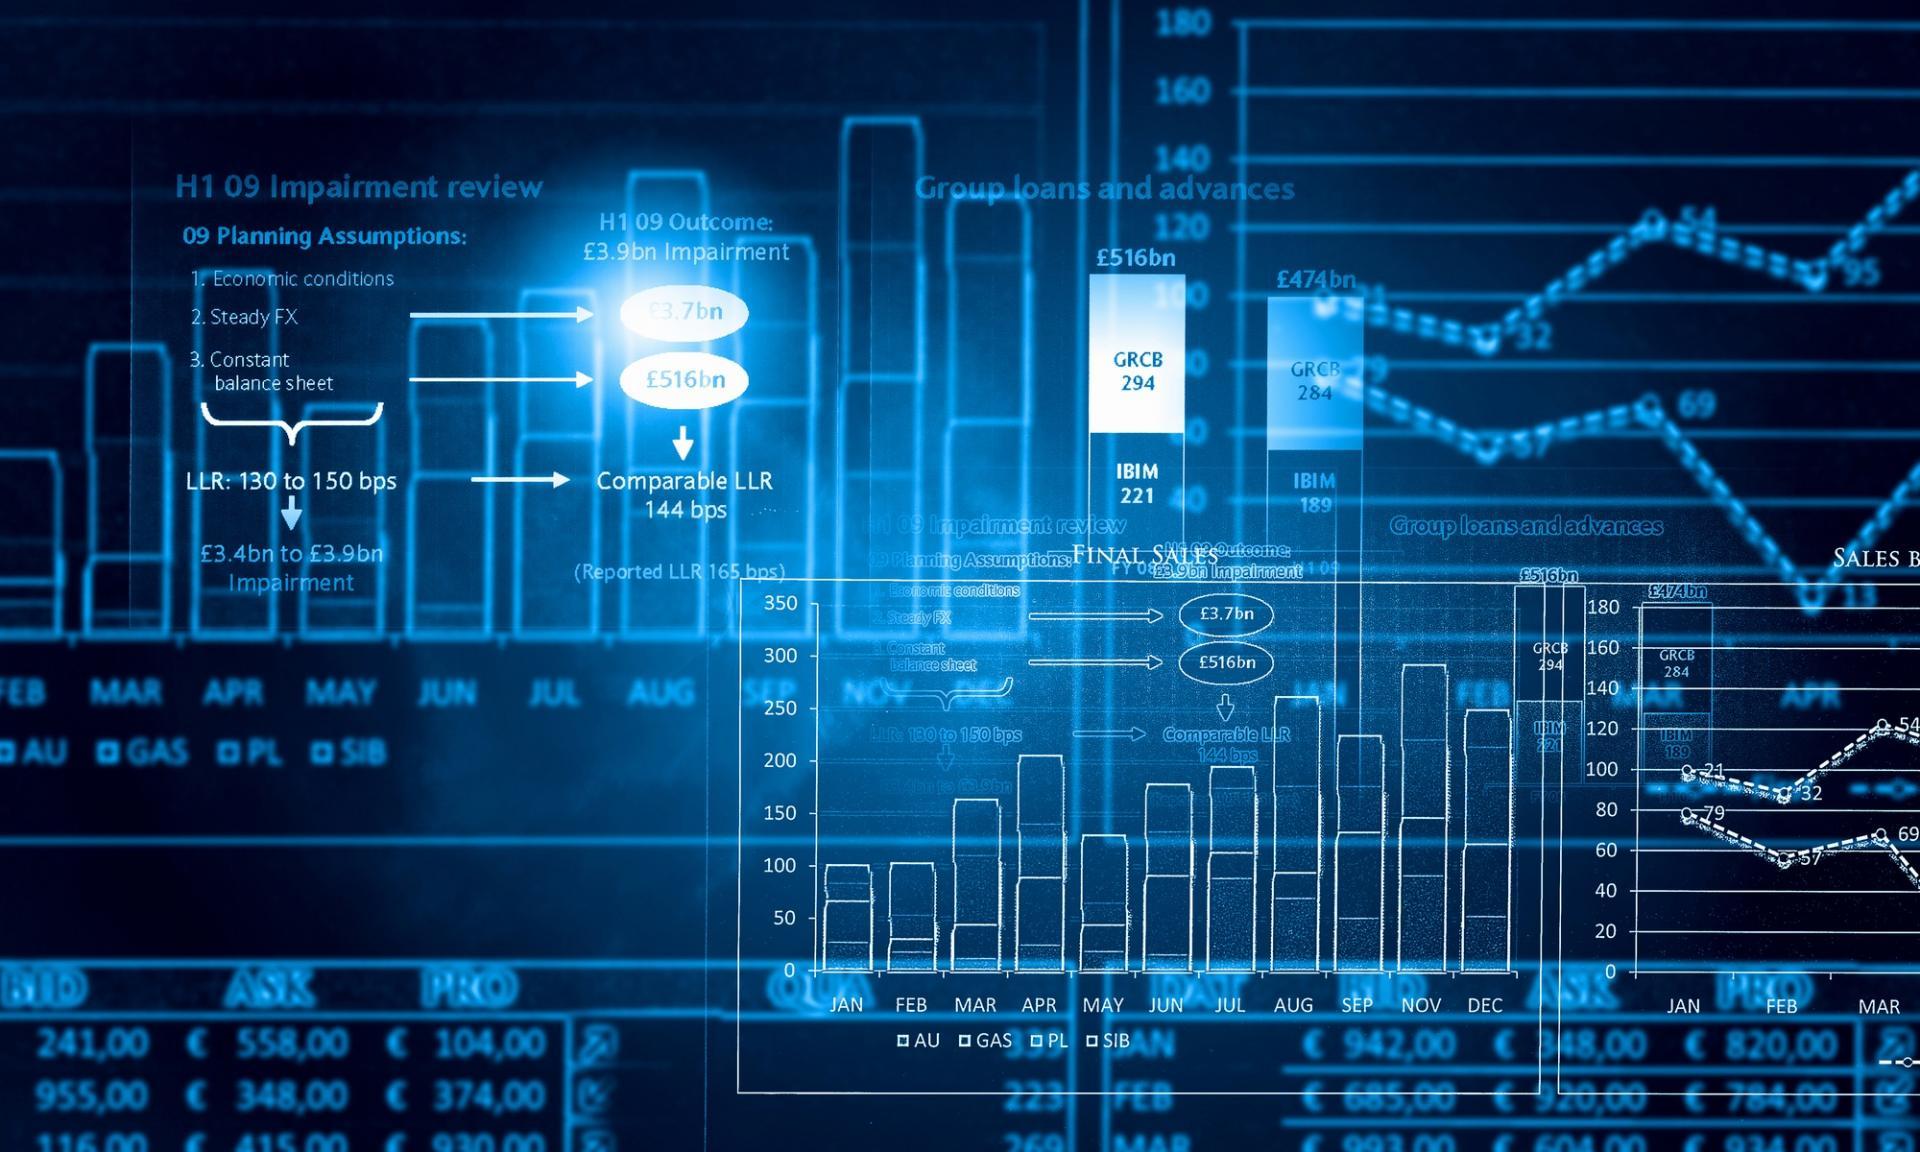 La spesa mondiale IT raggiungerà i $3,7 trilioni entro il 2018